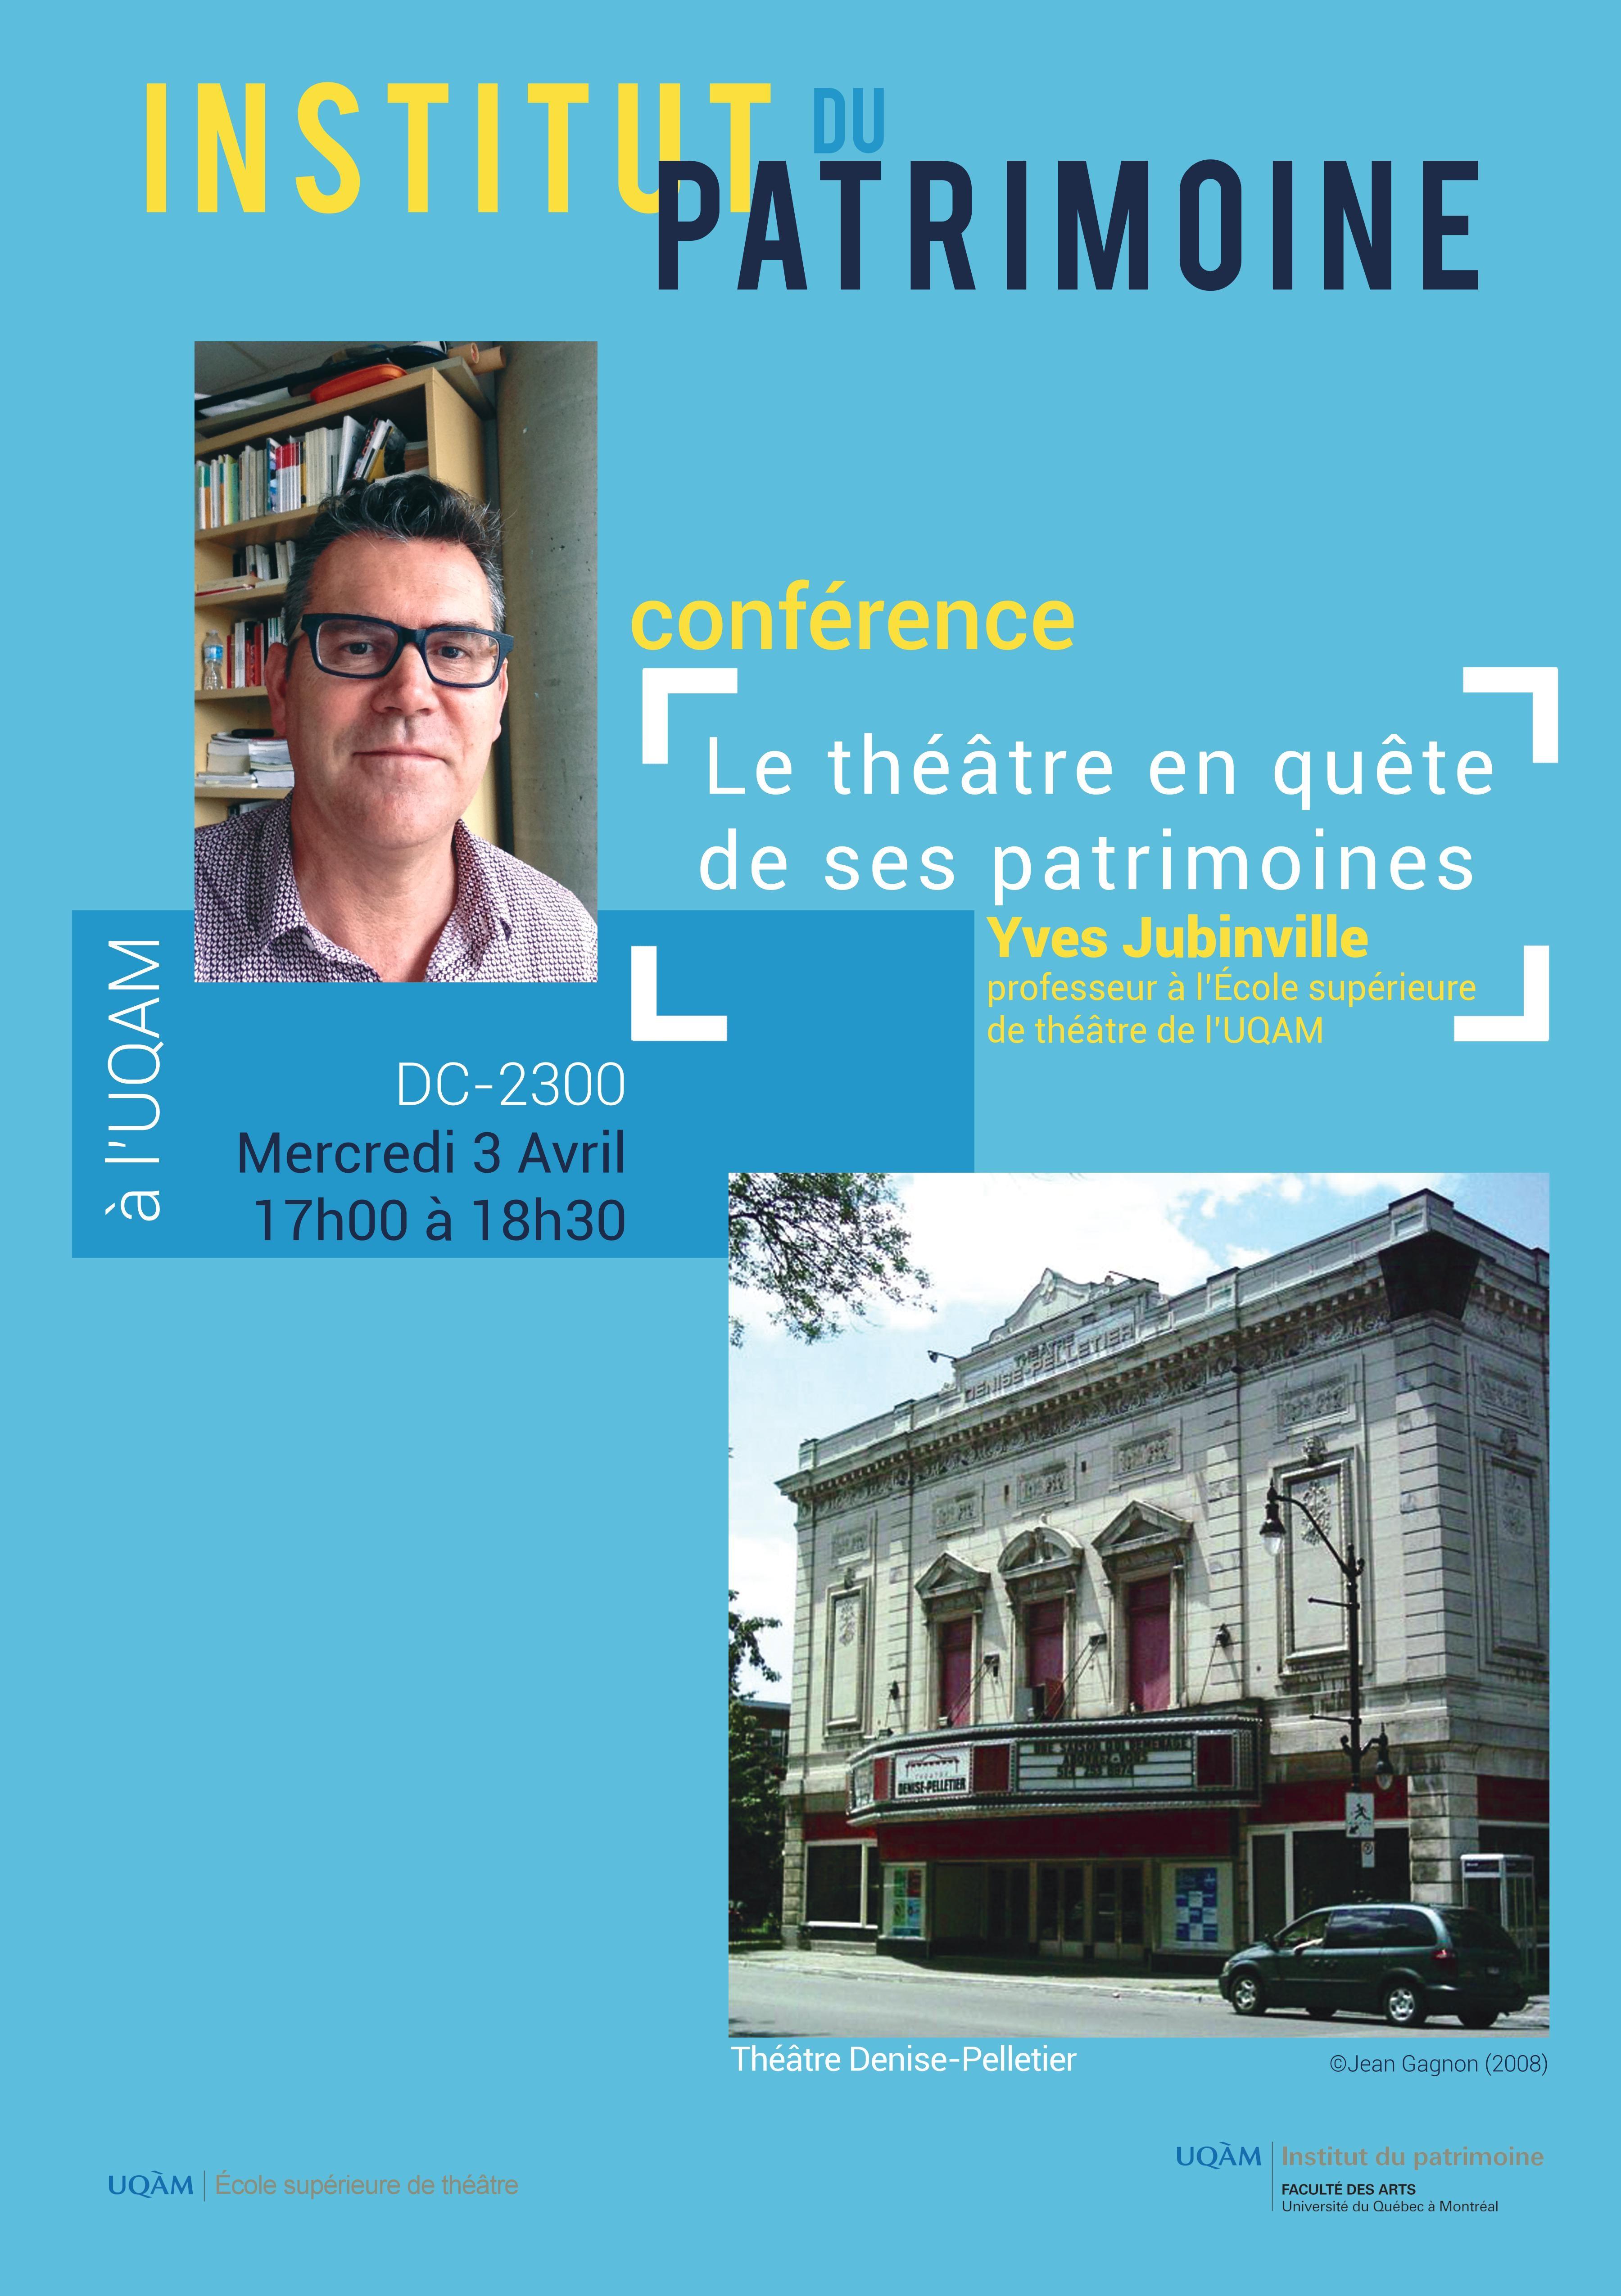 Conférence : le théâtre en quête de ses patrimoines